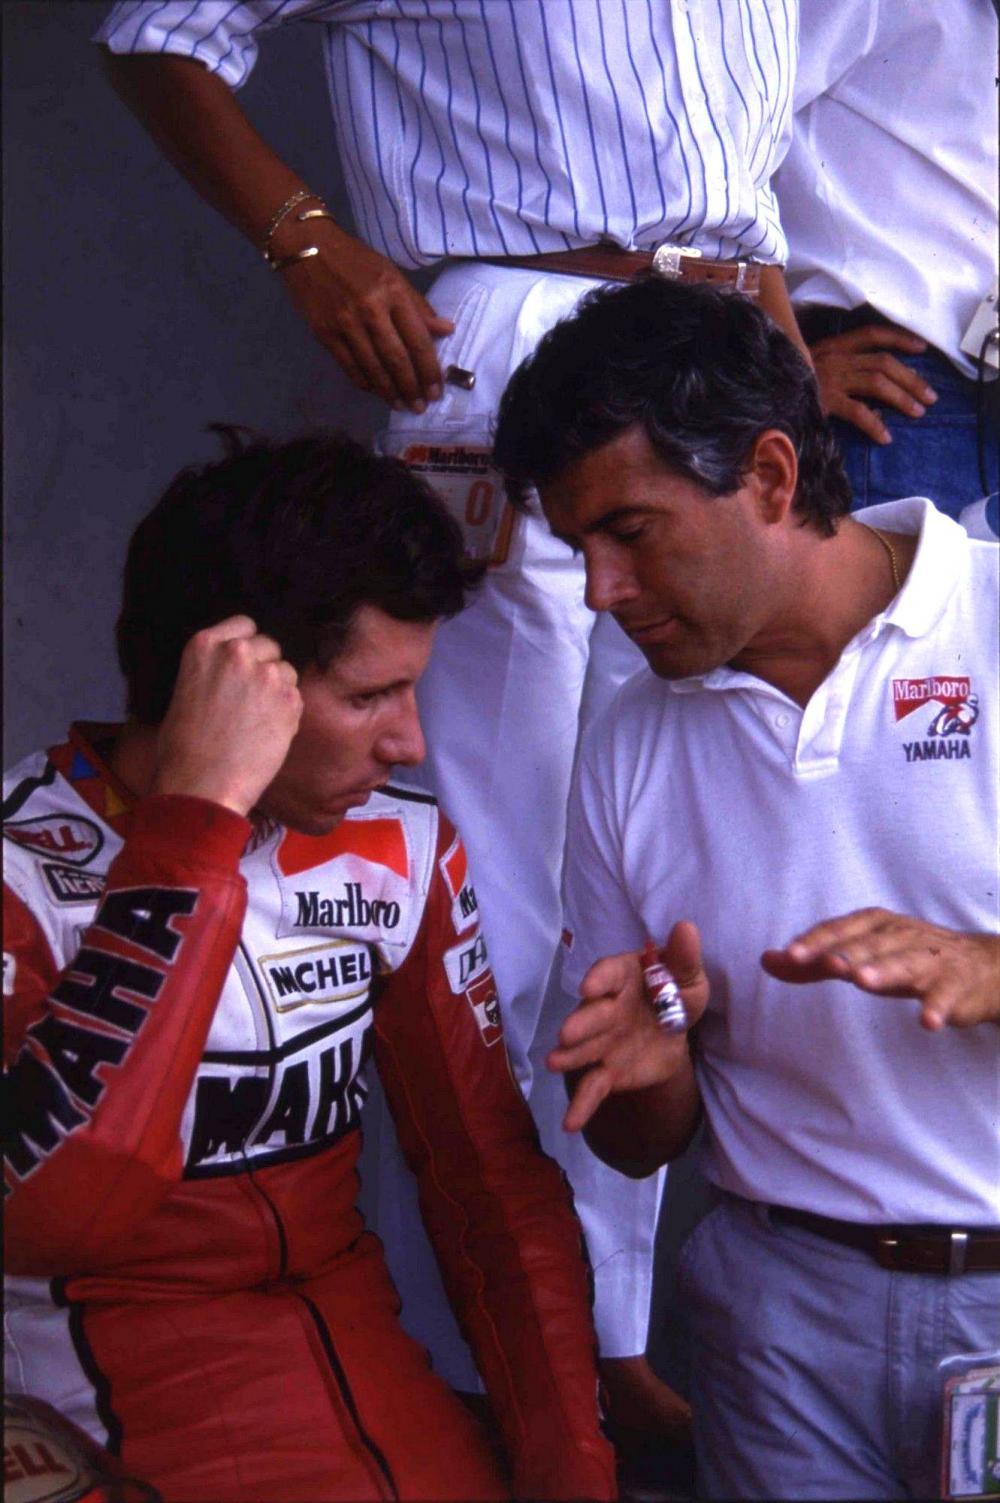 Eddie Lawson nel 1984, quando è promosso prima guida sulla Yamaha del team Agostini. I rapporti tra i due non saranno mai idilliaci, nonostante i grandi risultati